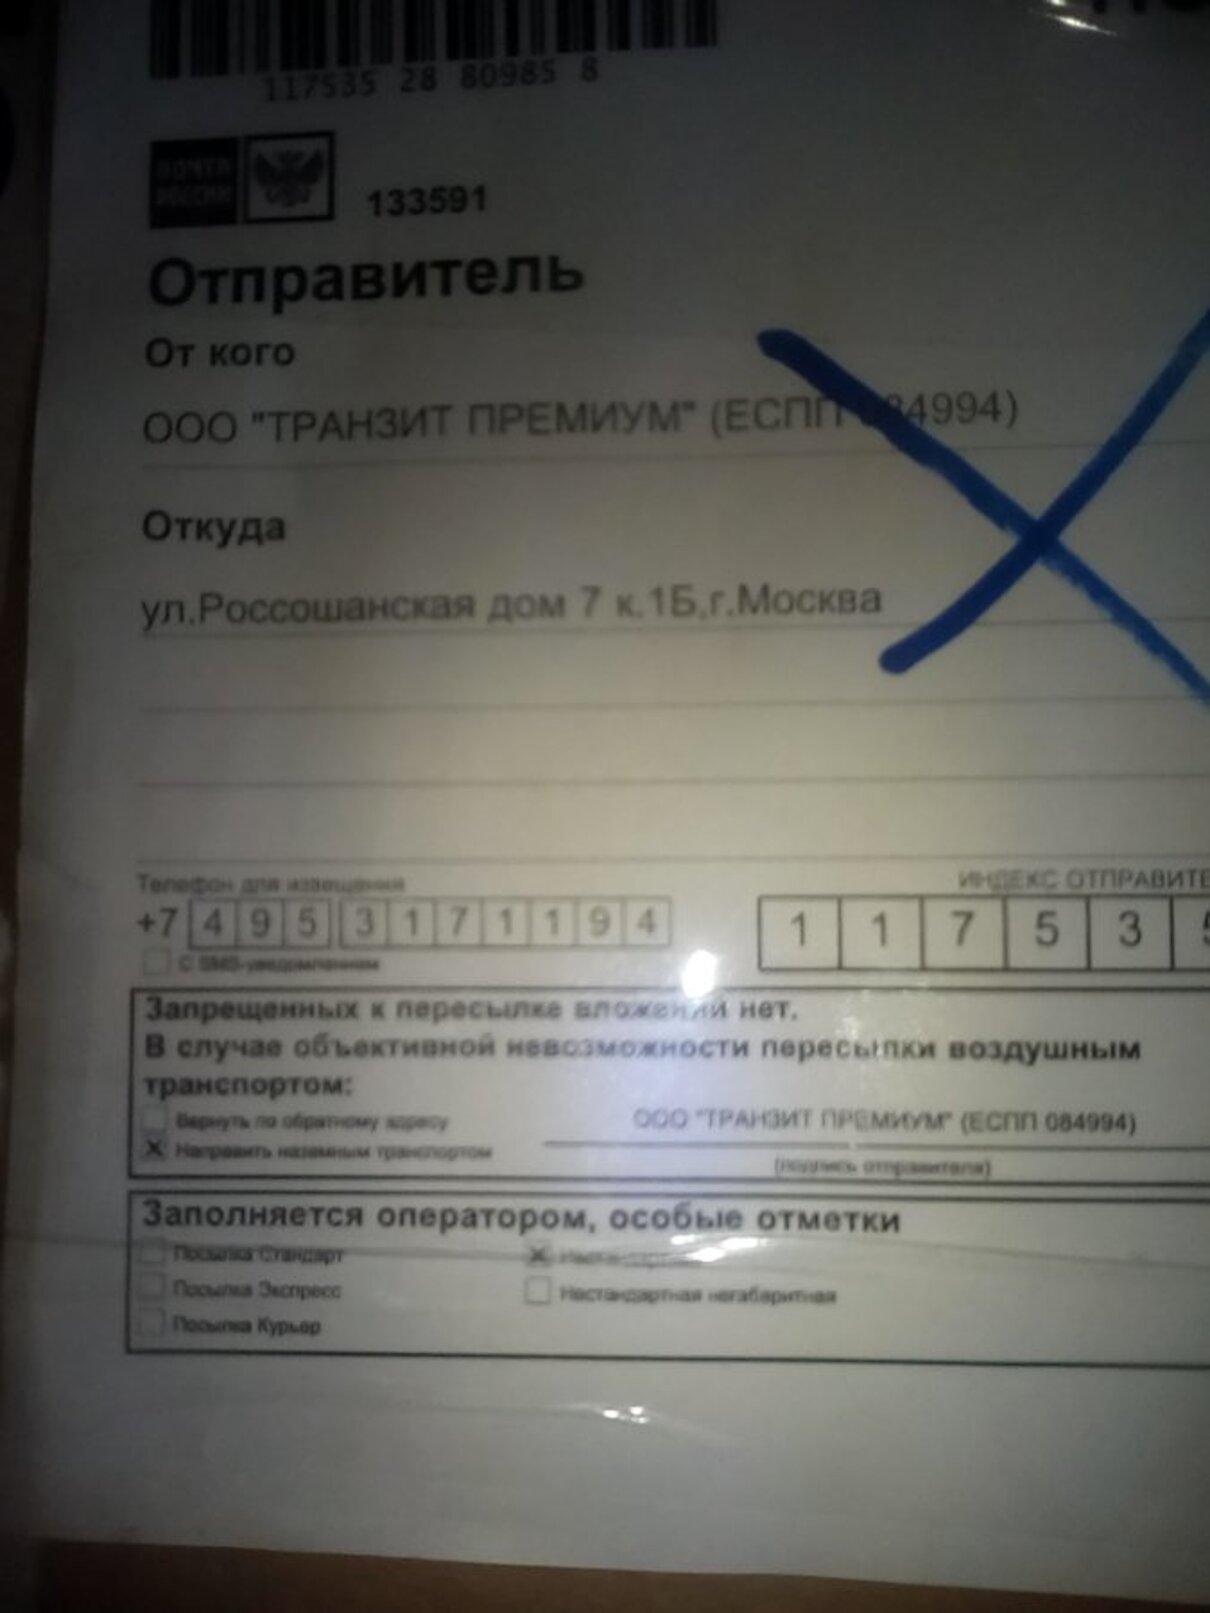 транзит премиум еспп 084994